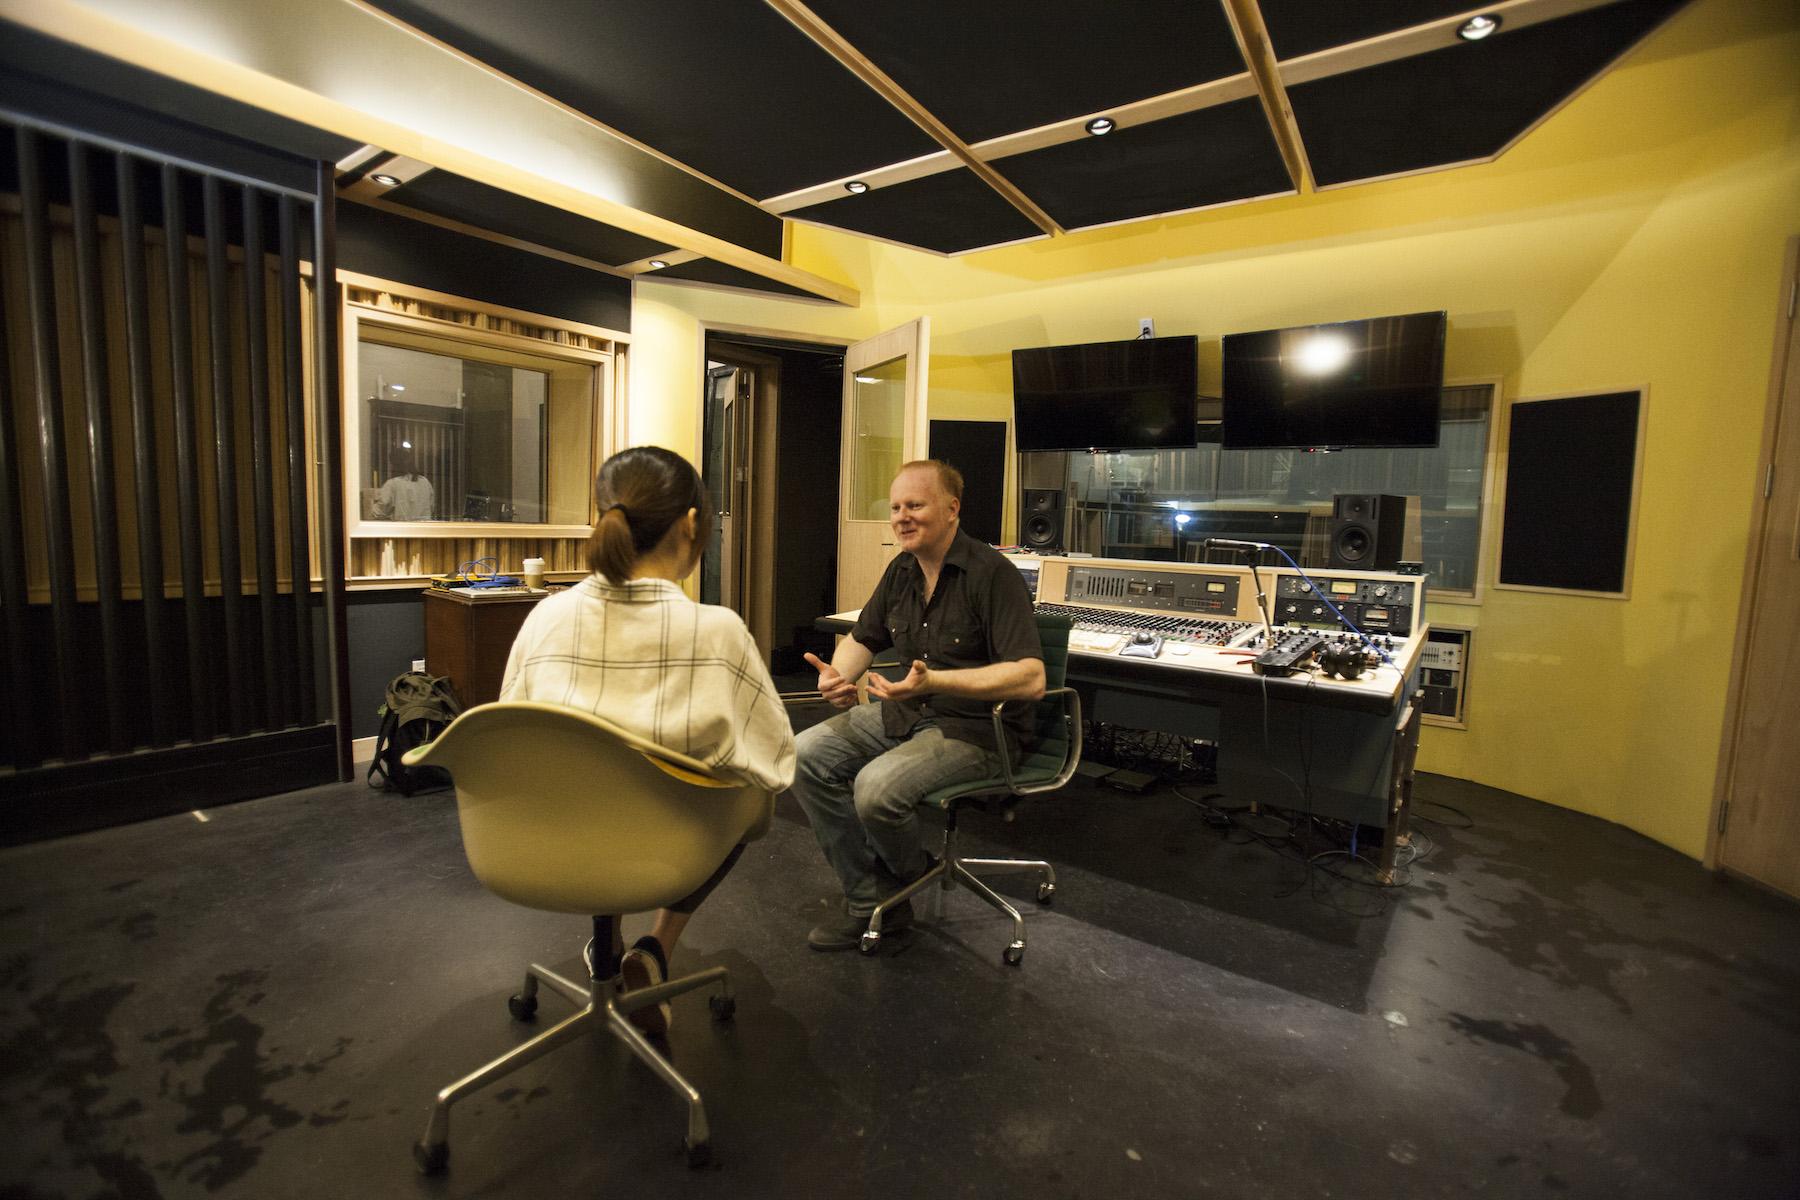 本次採訪在control room進行。